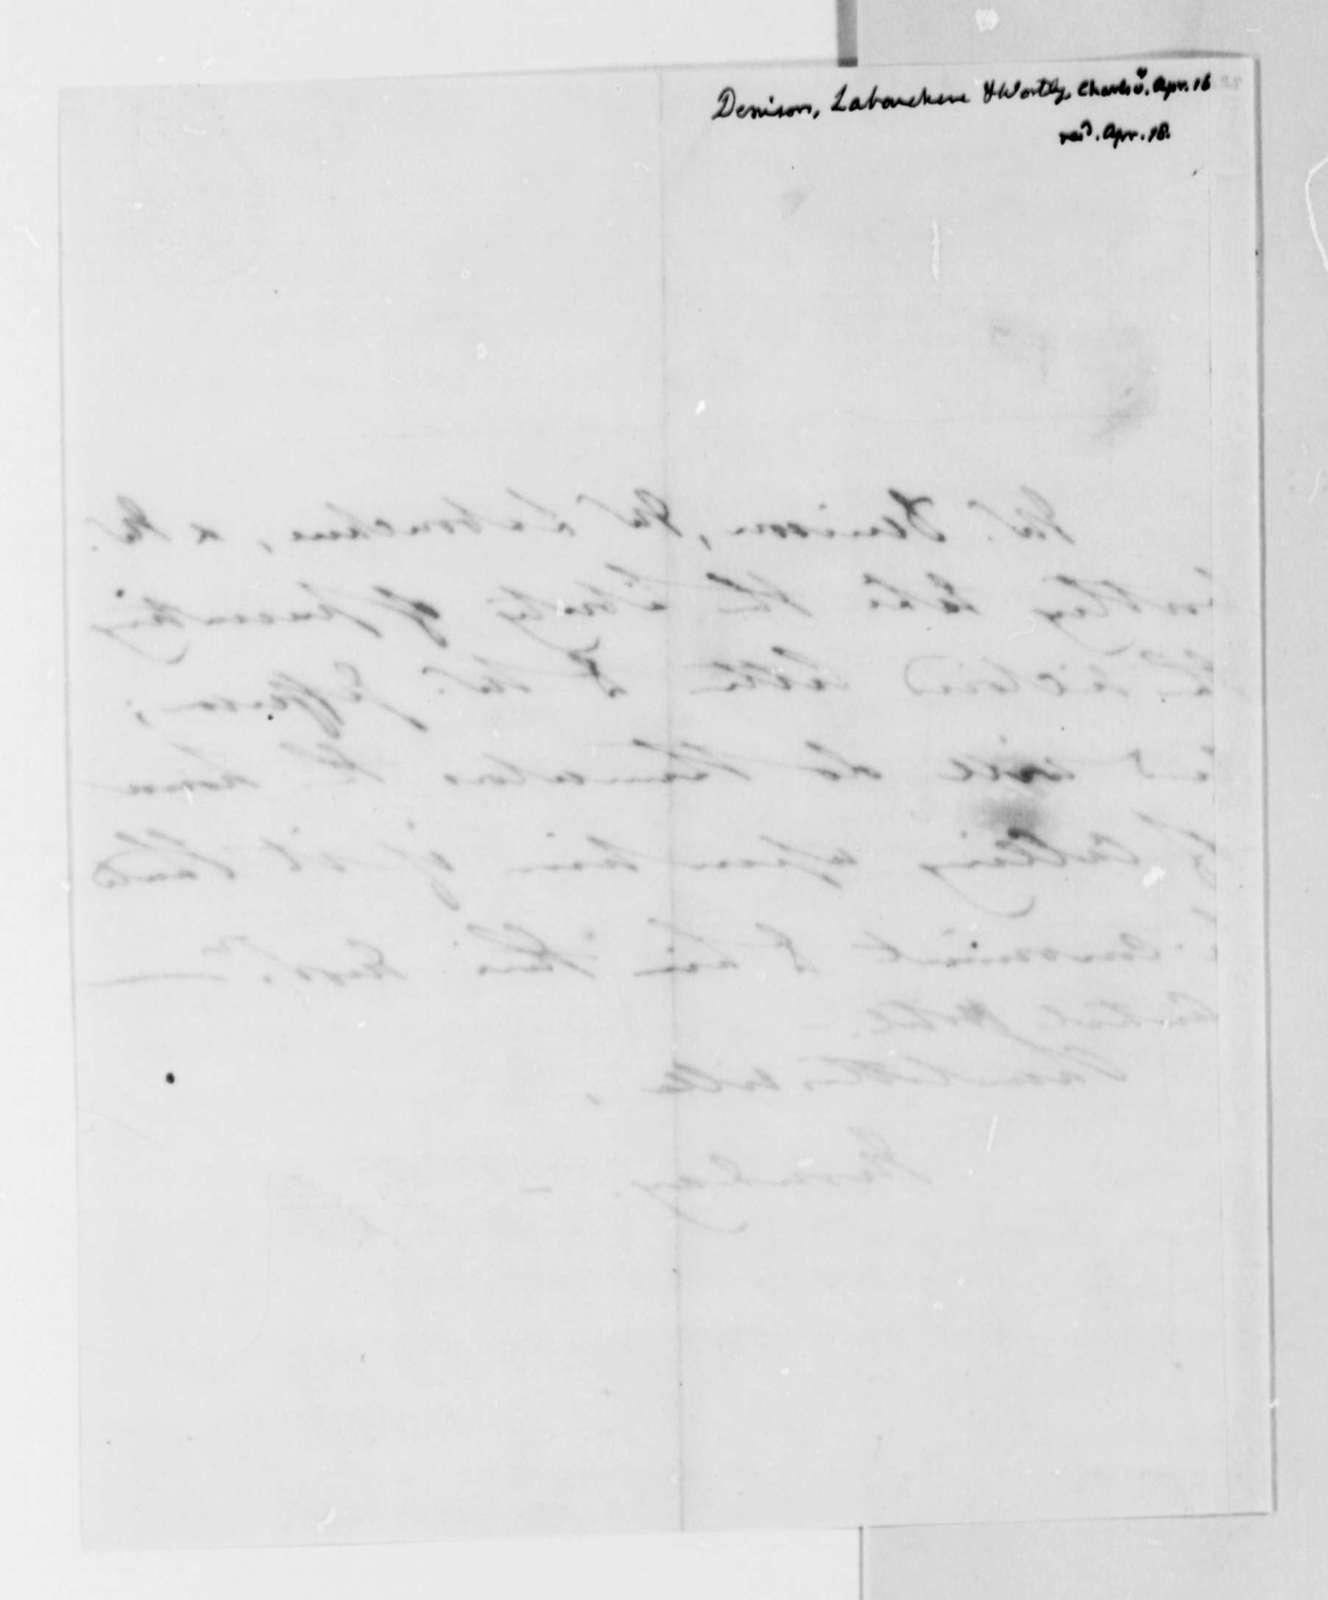 Denison-Laboucherie & Wortley to Thomas Jefferson, April 18, 1825